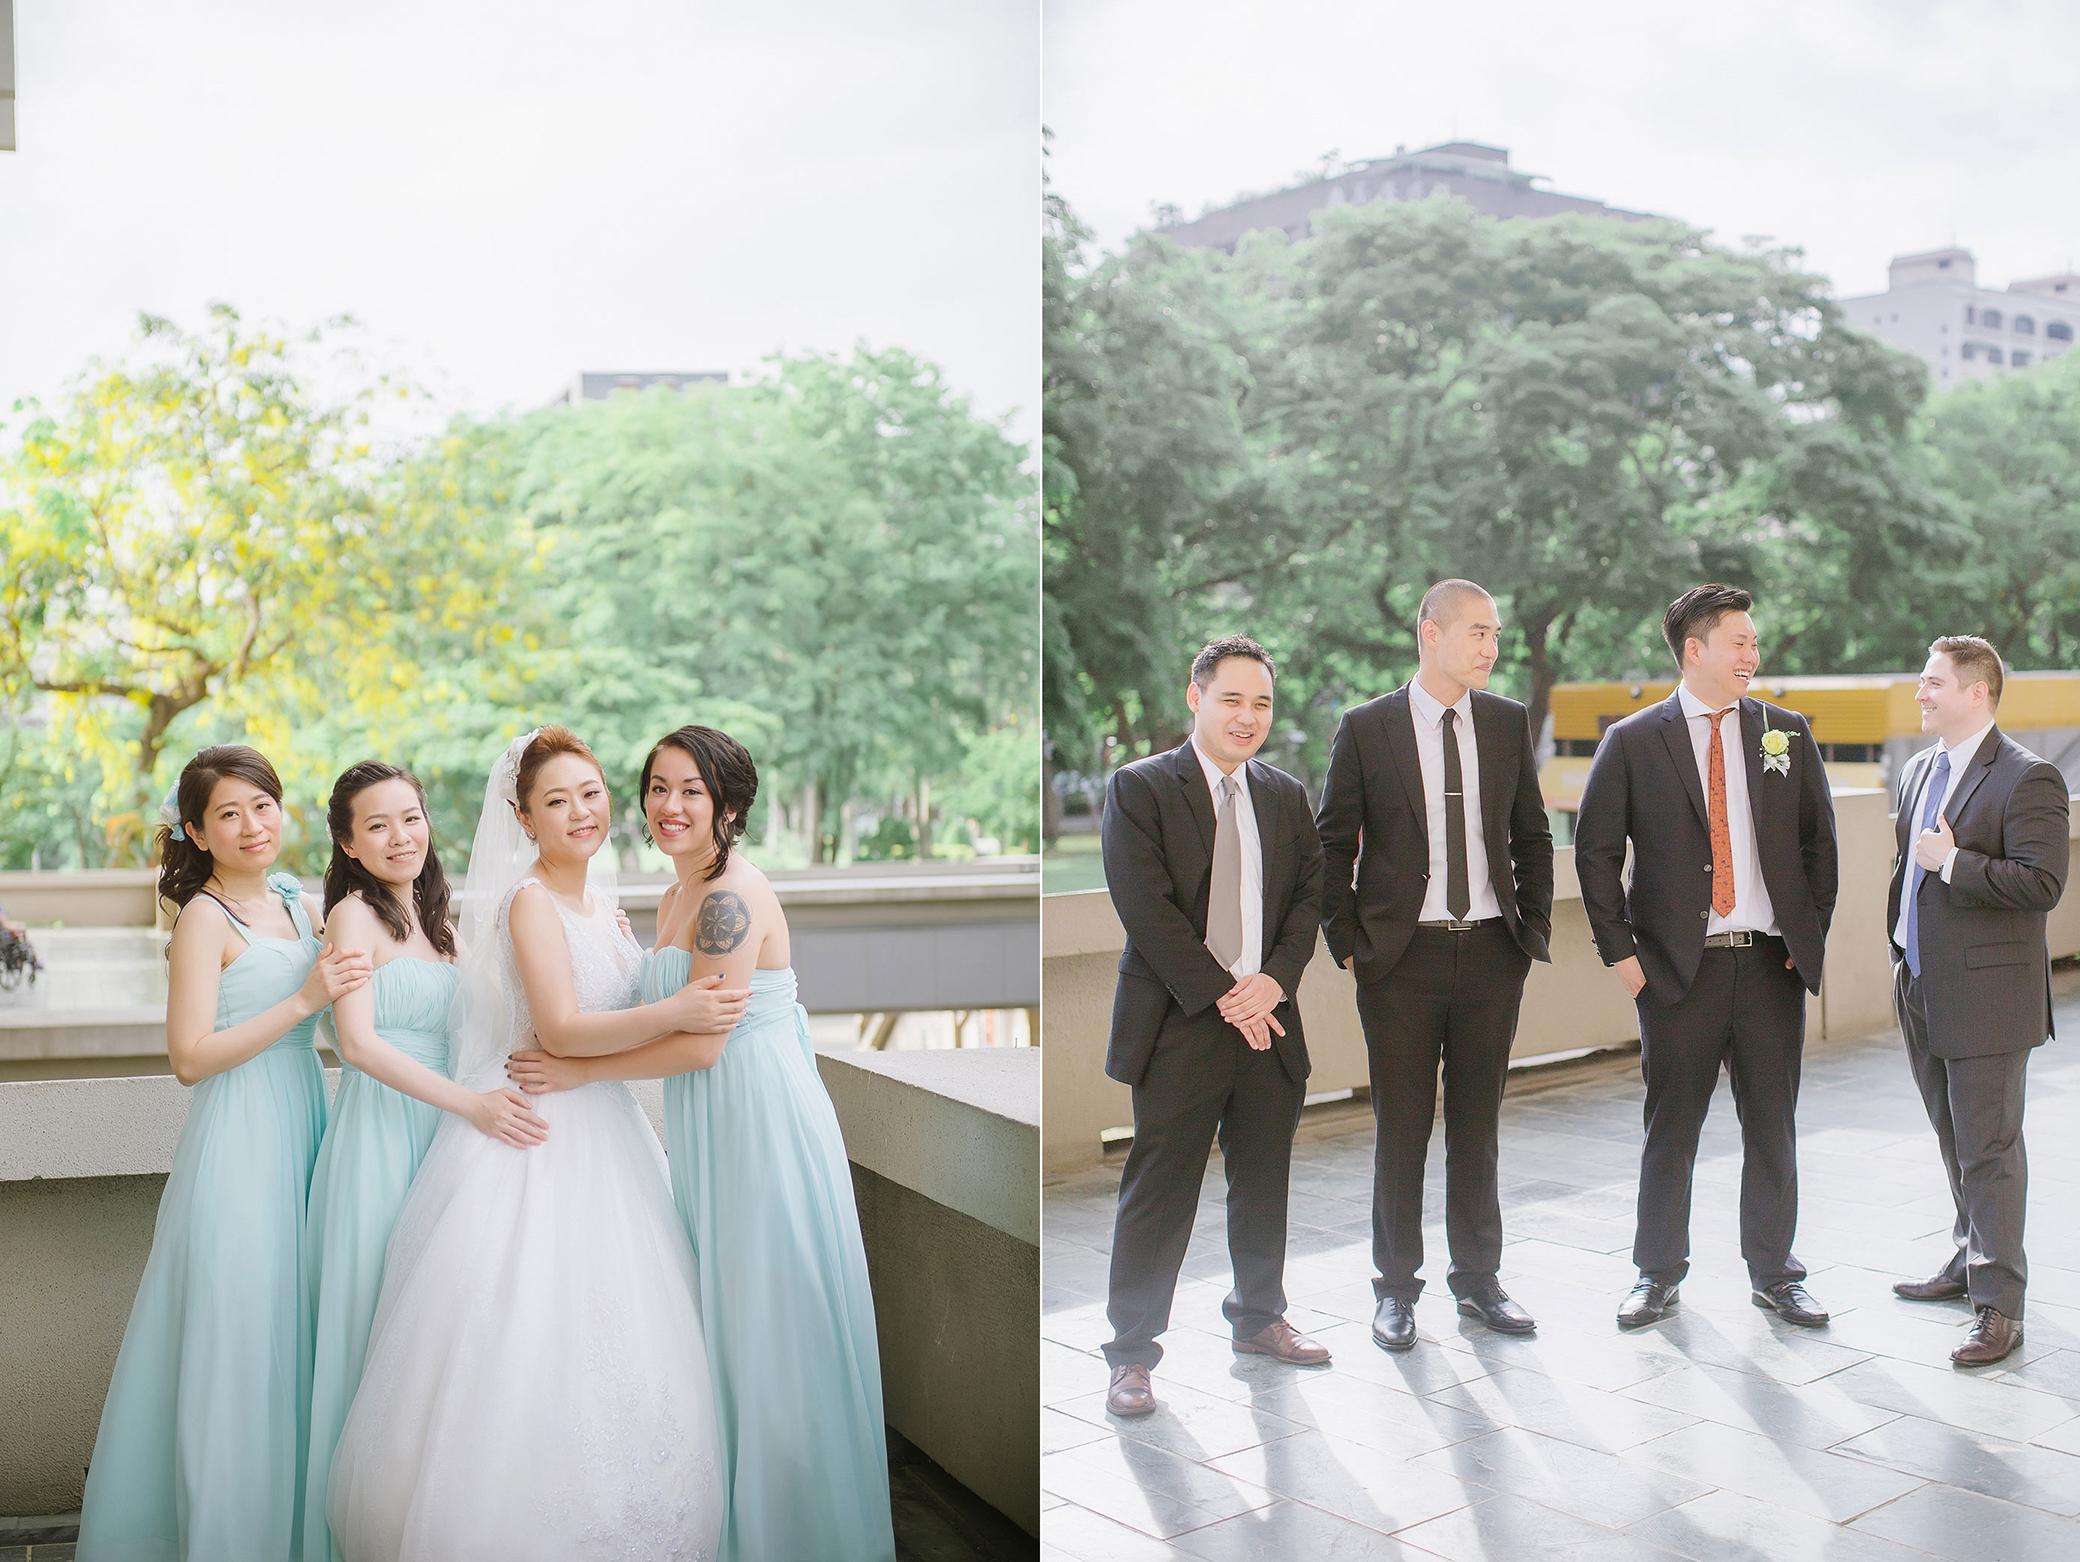 nickchang-realwedding-fineart-19